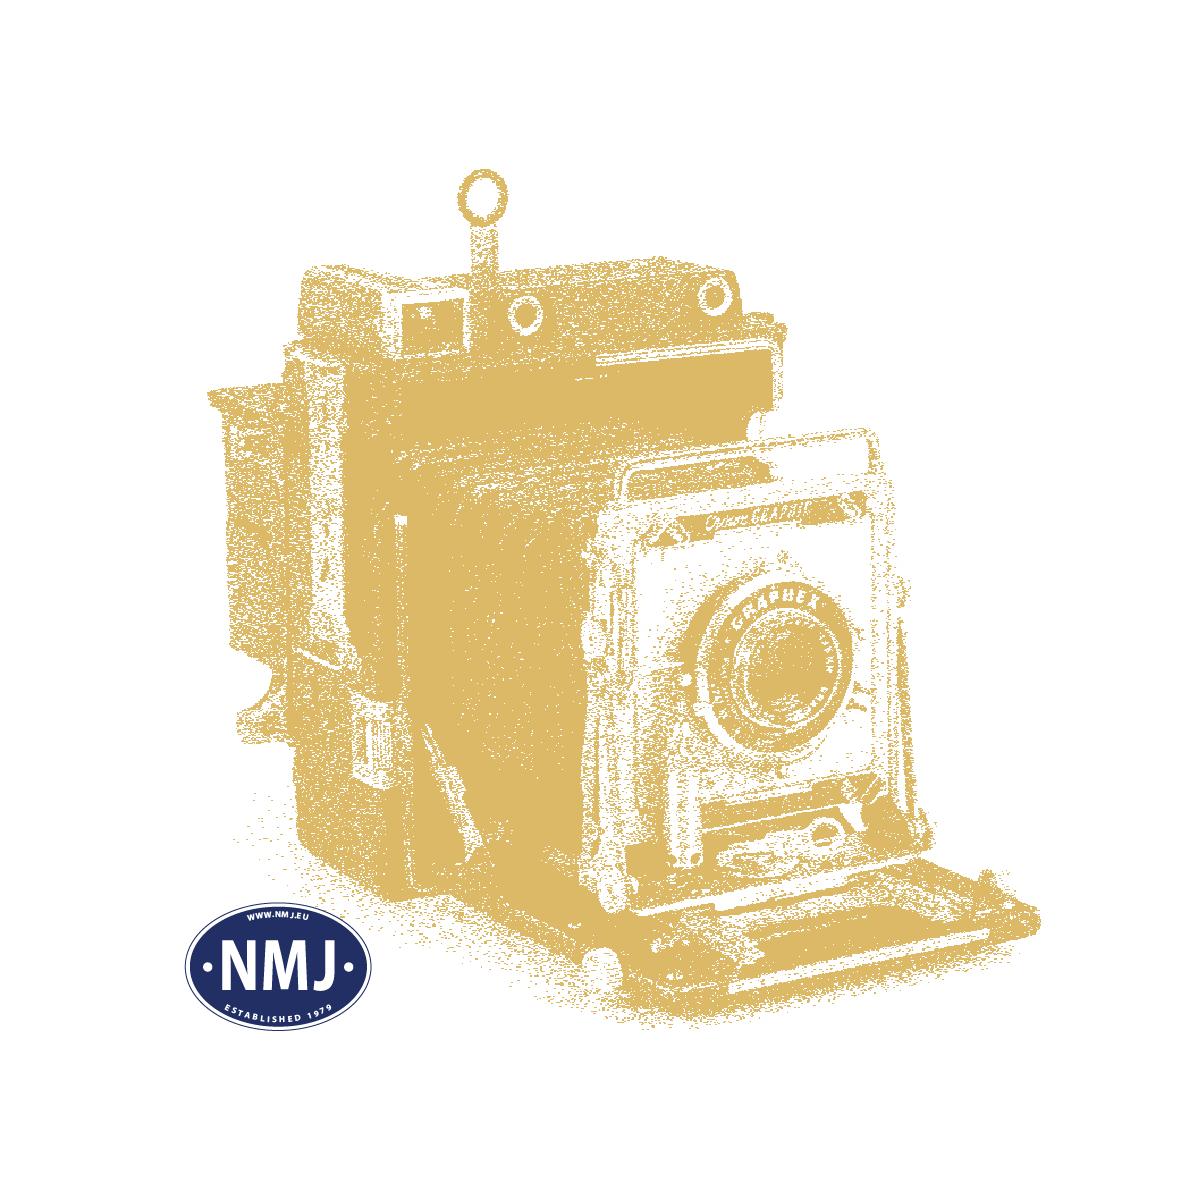 NMJT134.103 - NMJ Topline NSB DF37 21310, Gepäck und Schafnerwagen, rotbrown